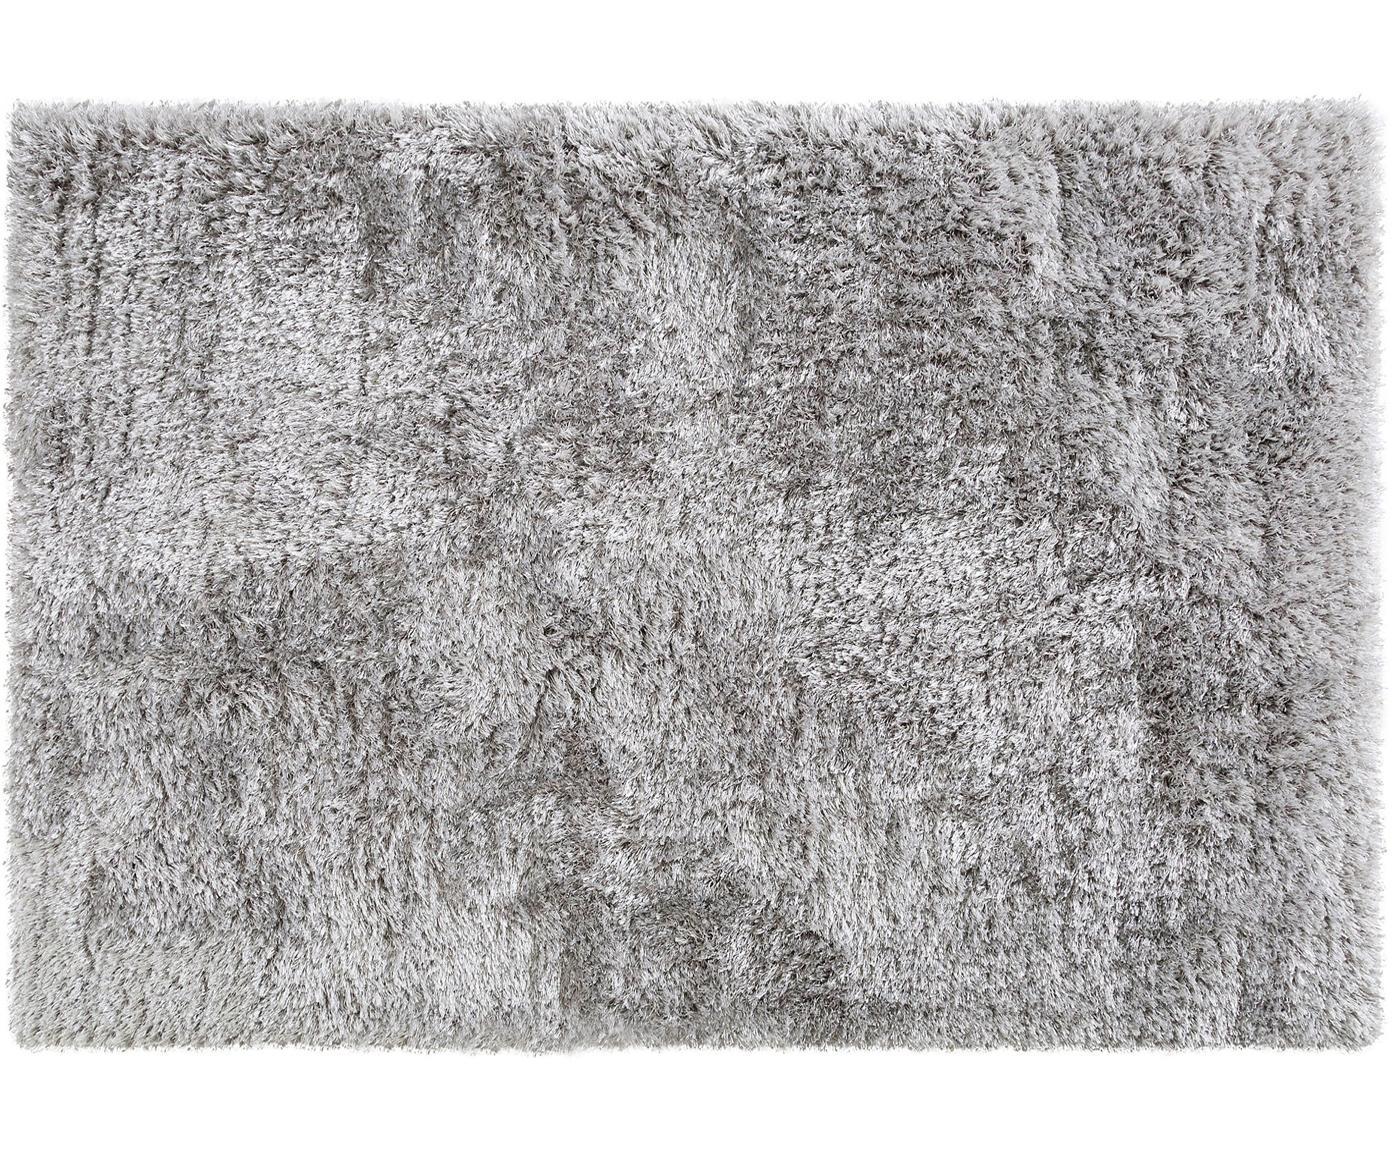 Tappeto a pelo lungo effetto lucido Lea, 50% poliestere, 50% polipropilene, Grigio, Larg. 140 x Lung. 200 cm (taglia S)